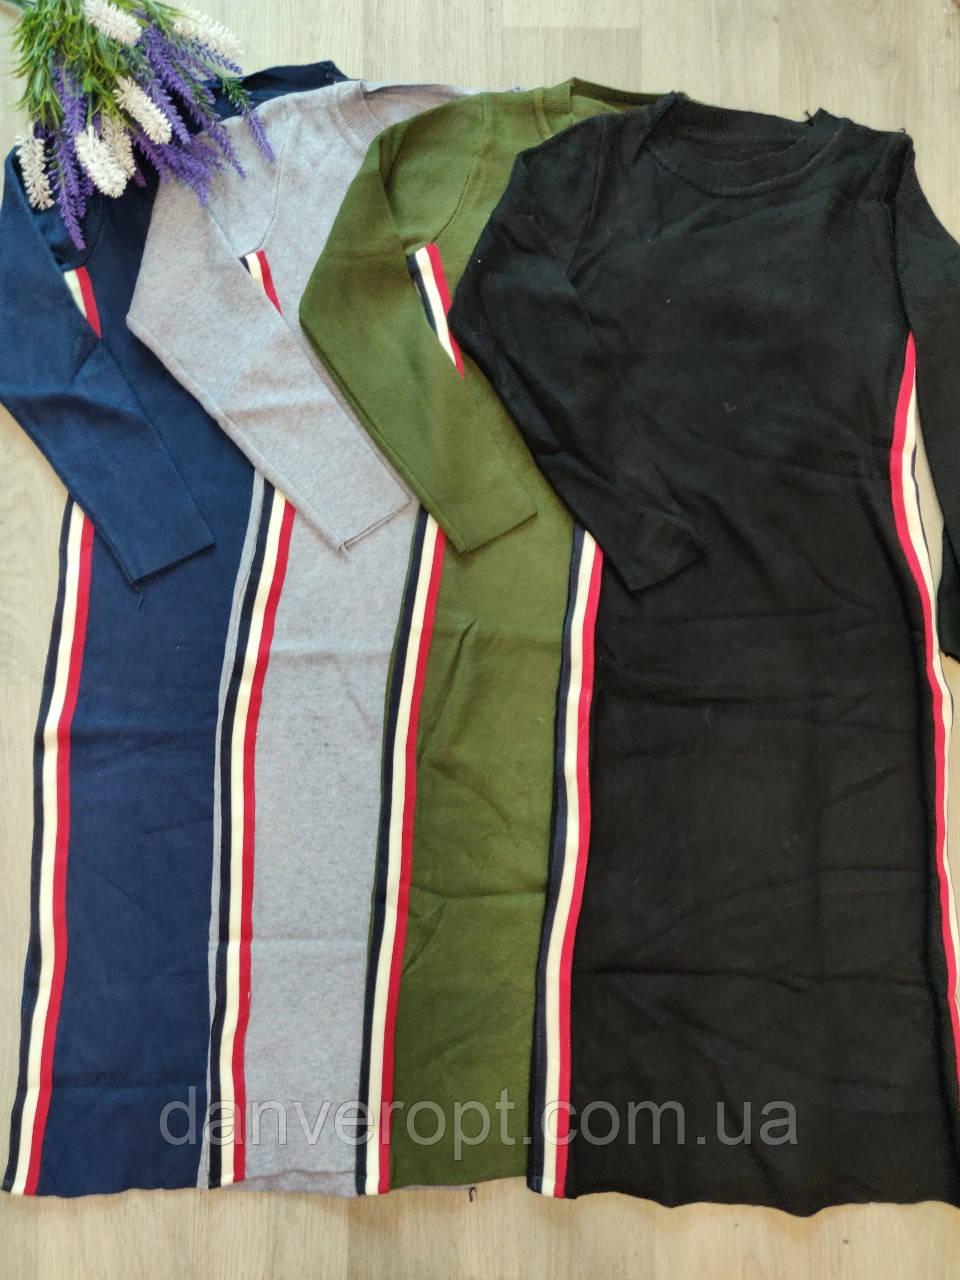 Платье женское молодёжное с лампасами размер универсальный 42-46 купить оптом со склада 7км Одесса